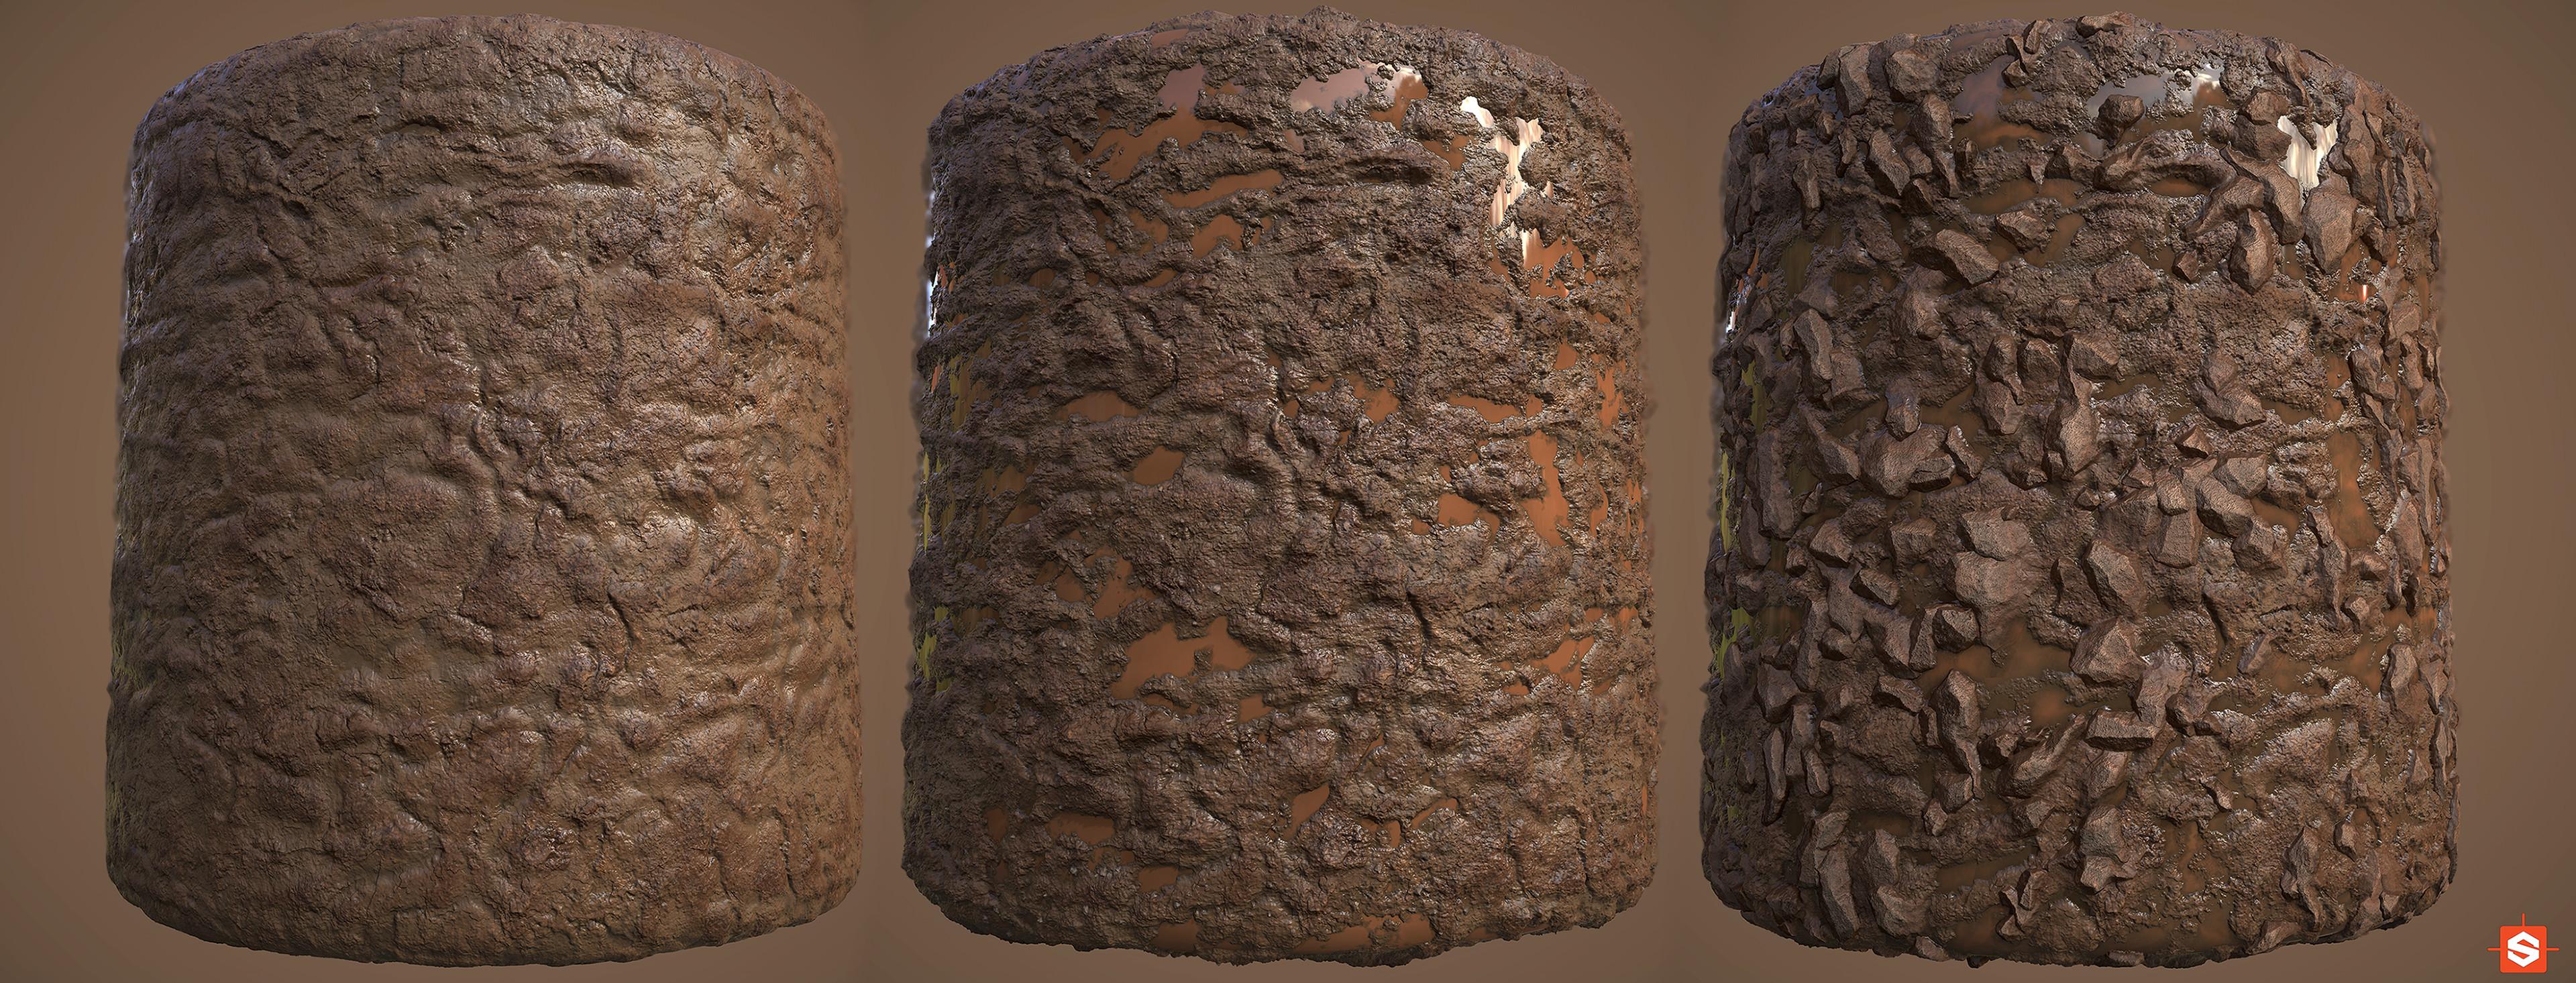 Mud variants